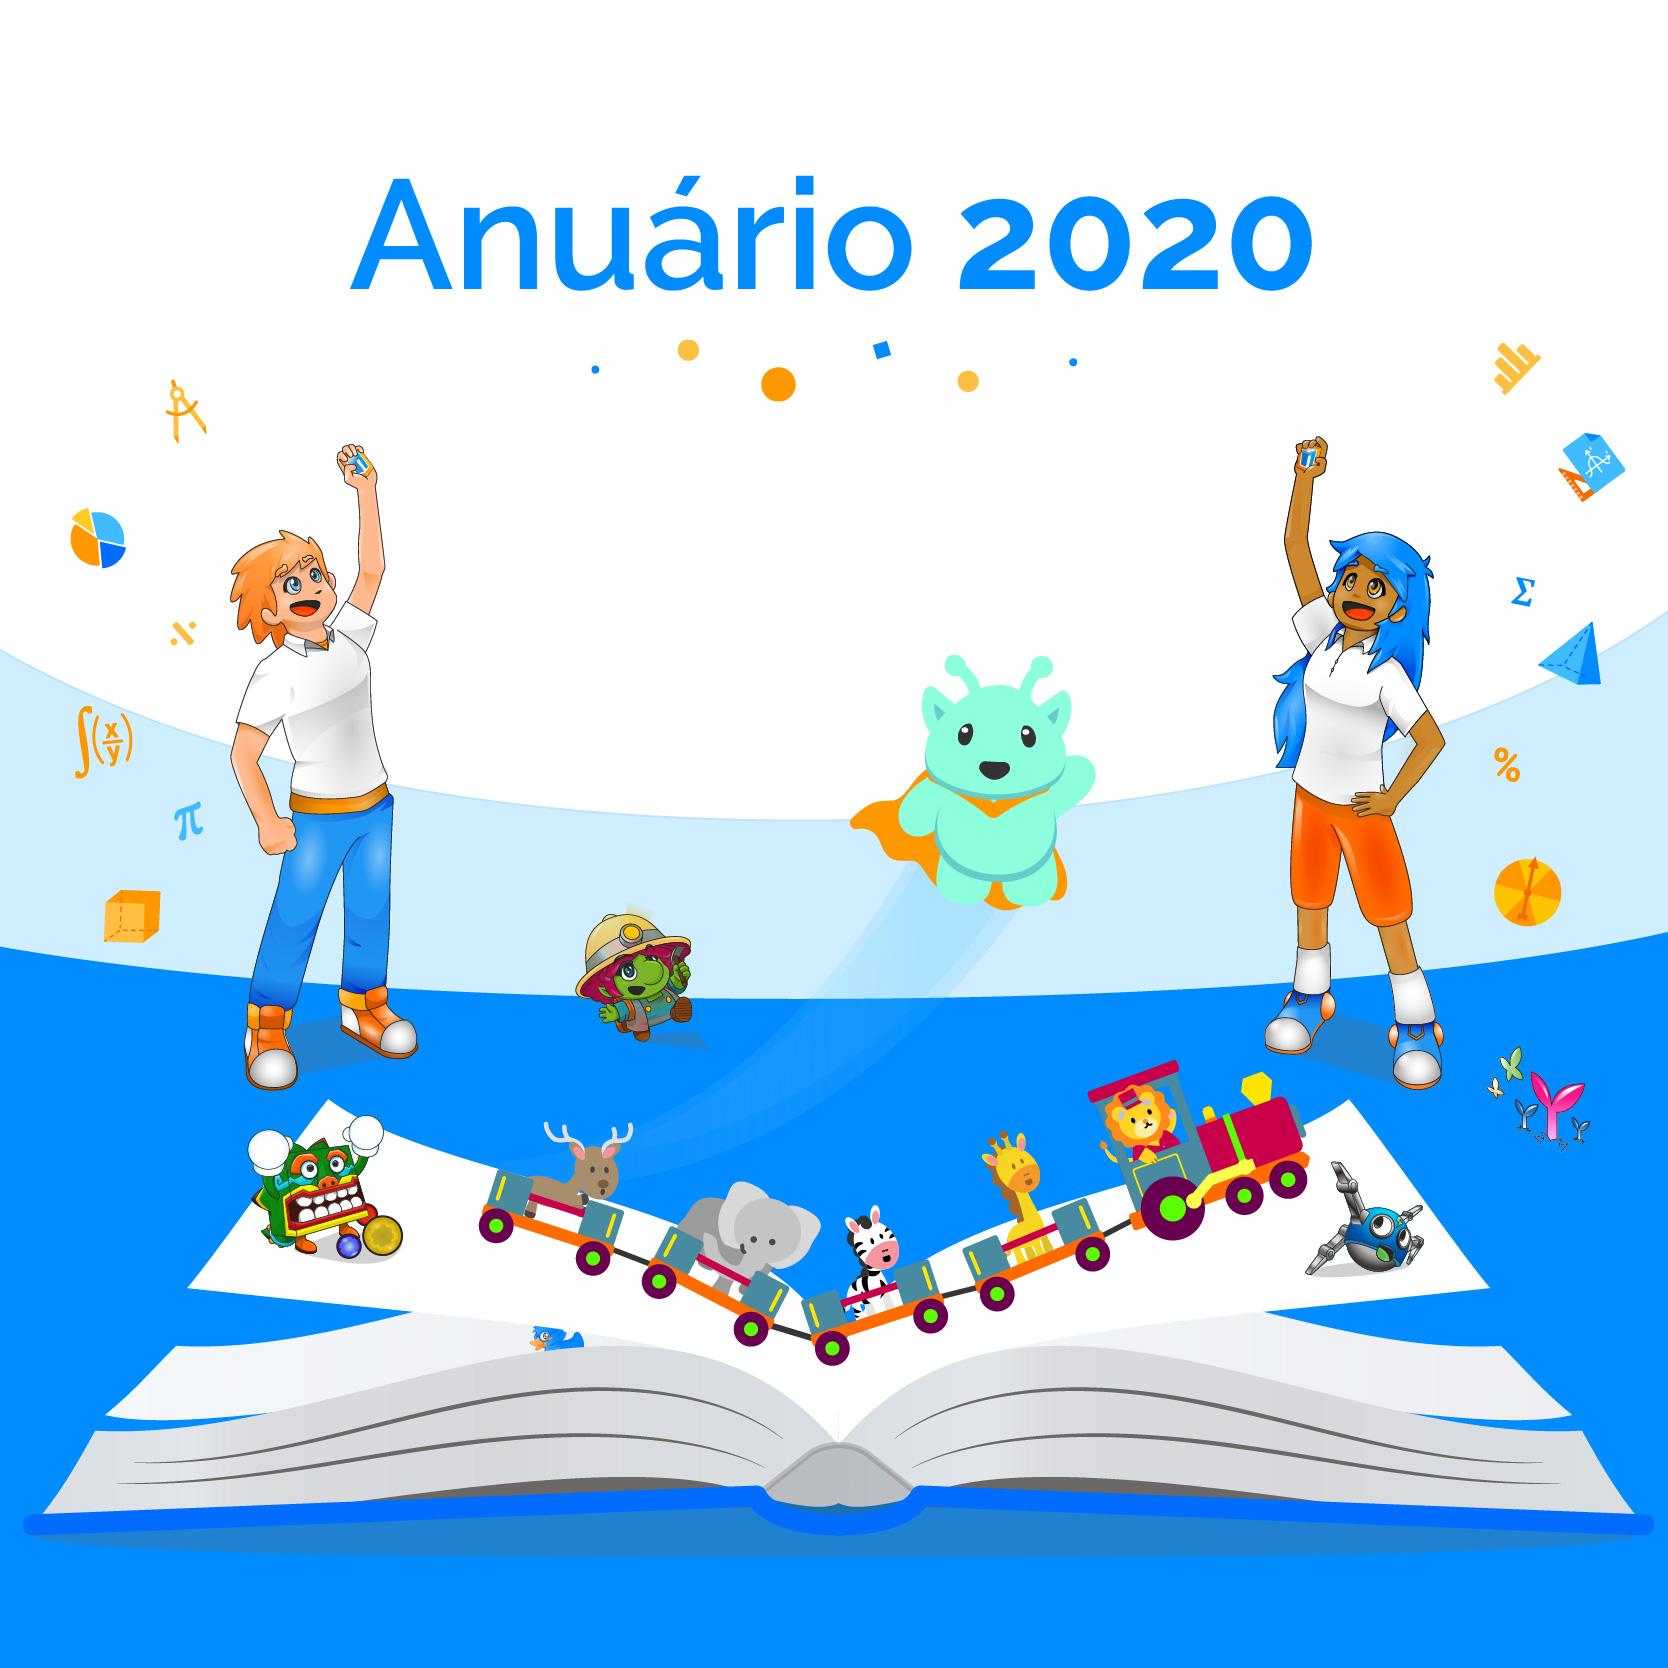 Anuário Mangahigh 2020!